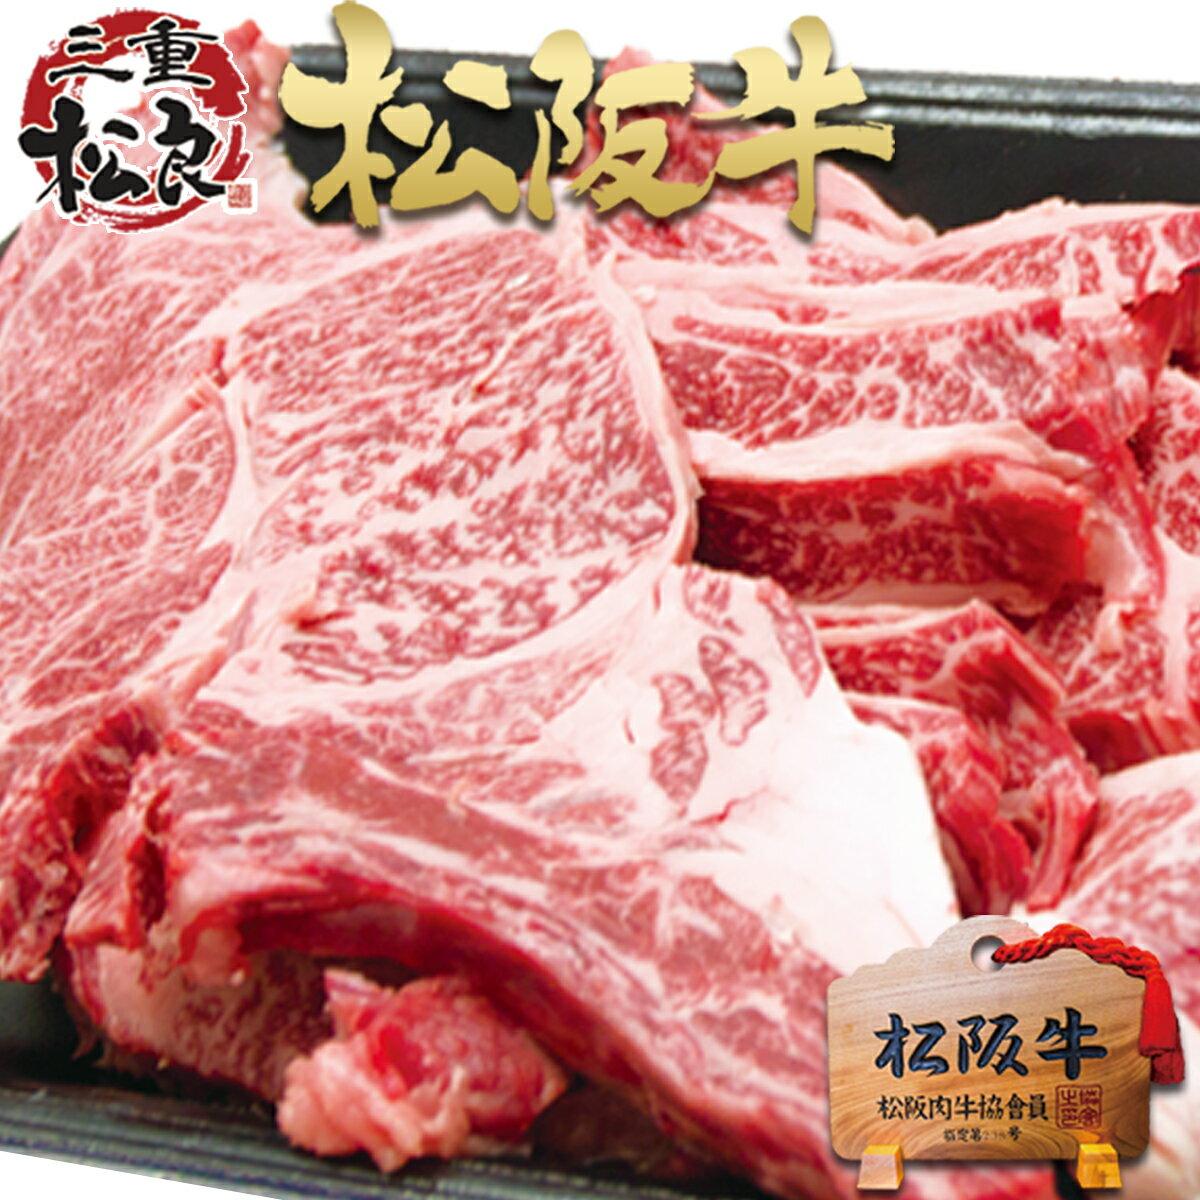 松阪牛 焼肉 メガ盛り 1kg 【500g×2個】 松坂牛のBBQや焼き肉 パーティー に! 後払い 食品 コンビニ  肉 牛肉 父の日 母の日 令和 プレゼント 退職